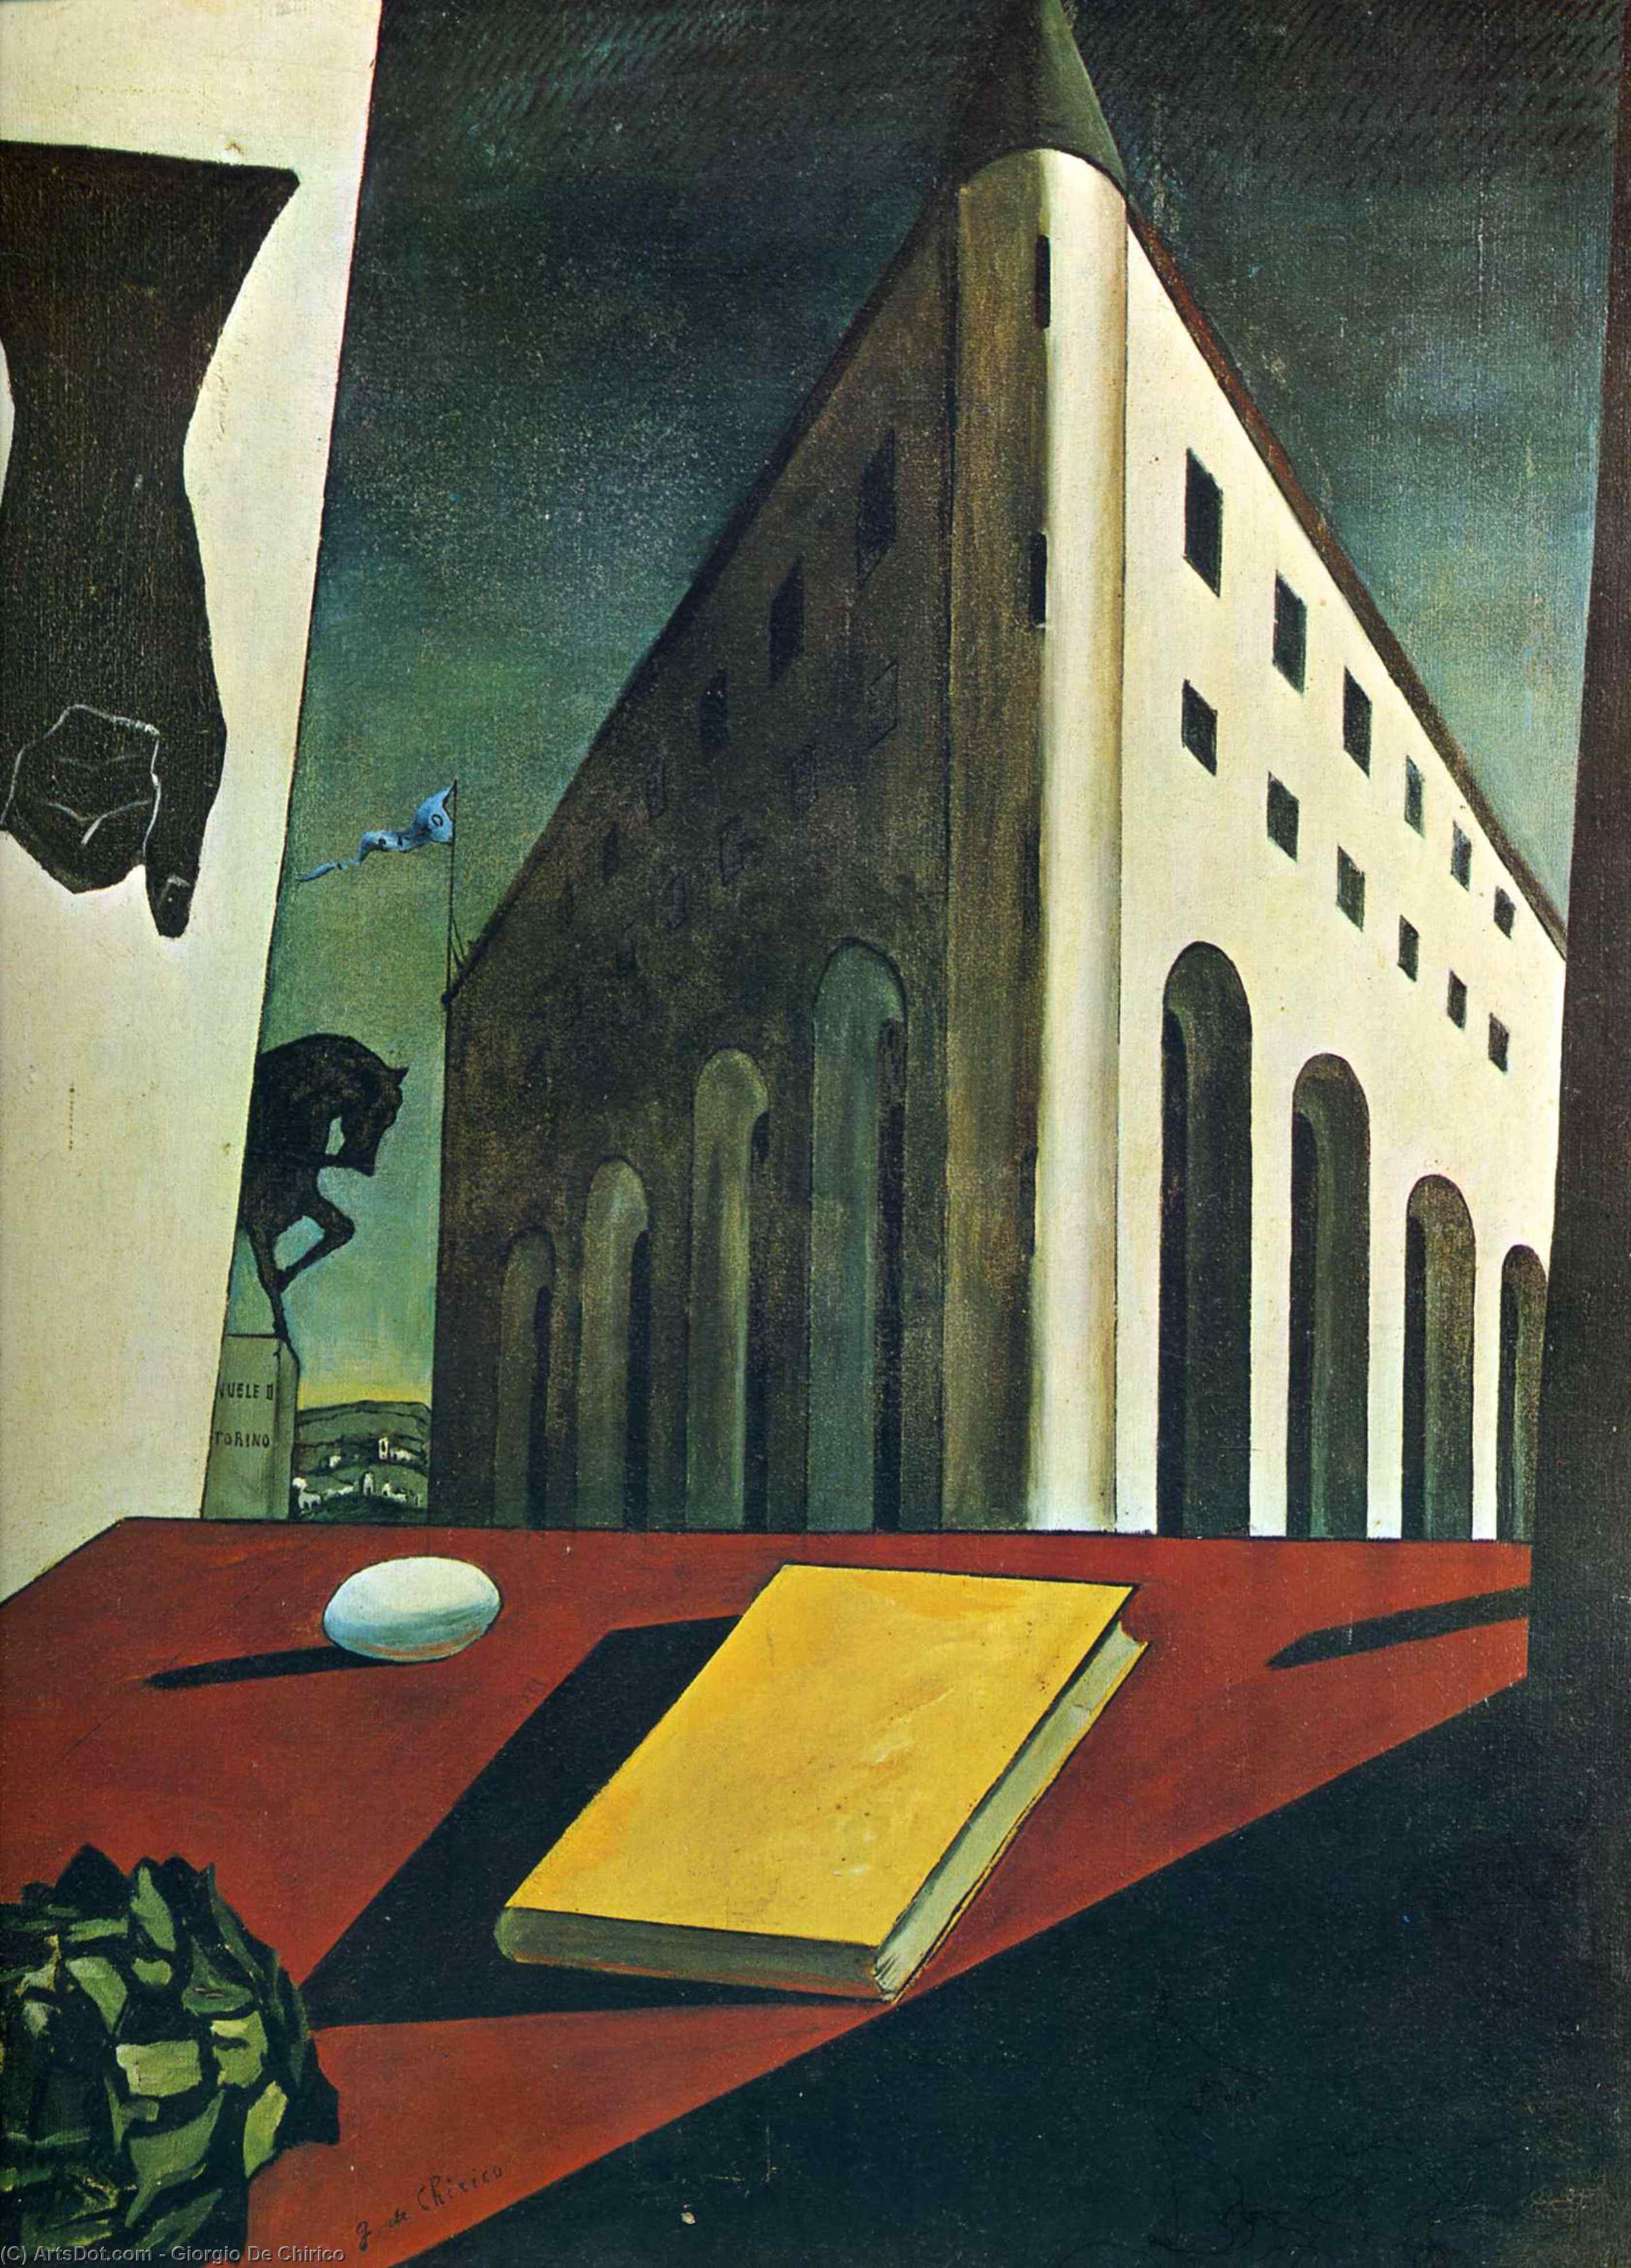 Wikioo.org – L'Enciclopedia delle Belle Arti - Pittura, Opere di Giorgio De Chirico - Torino Primavera